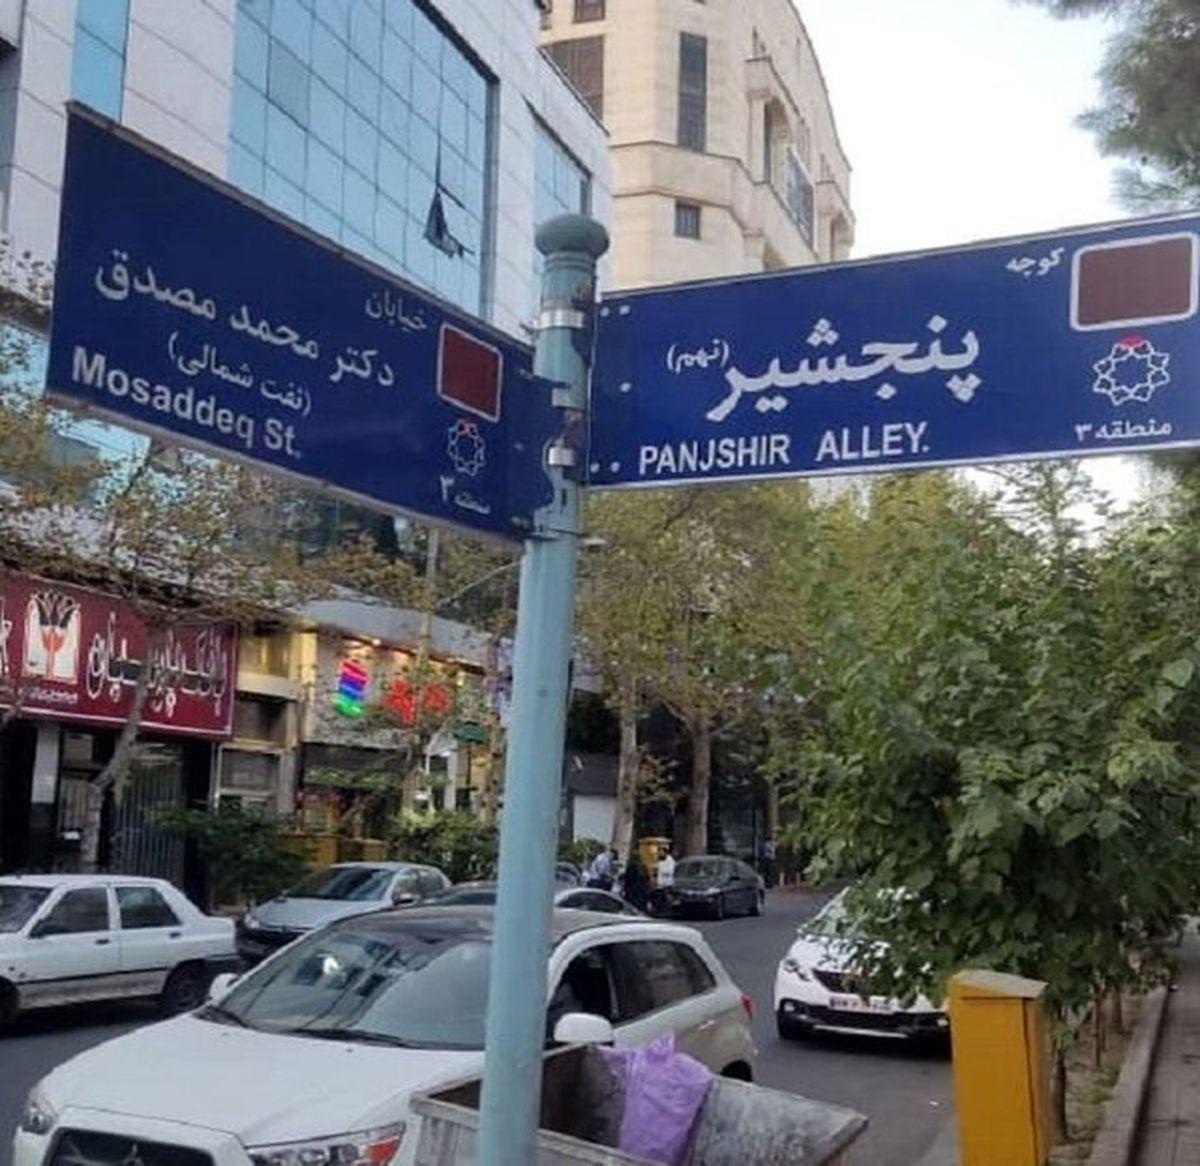 نام«پنجشیر» بر تارک تهران